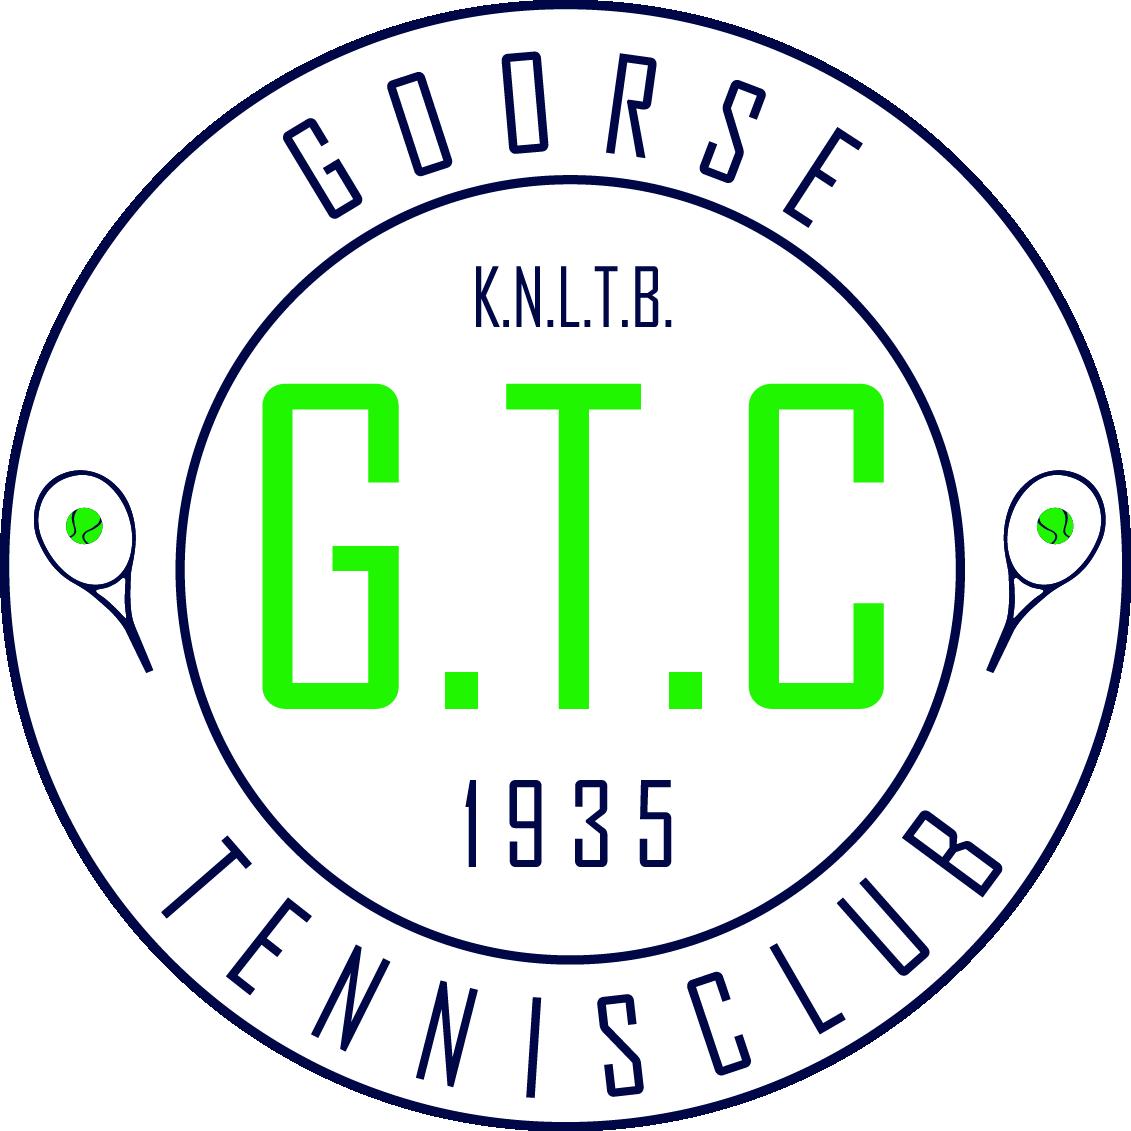 Goorse T.C.